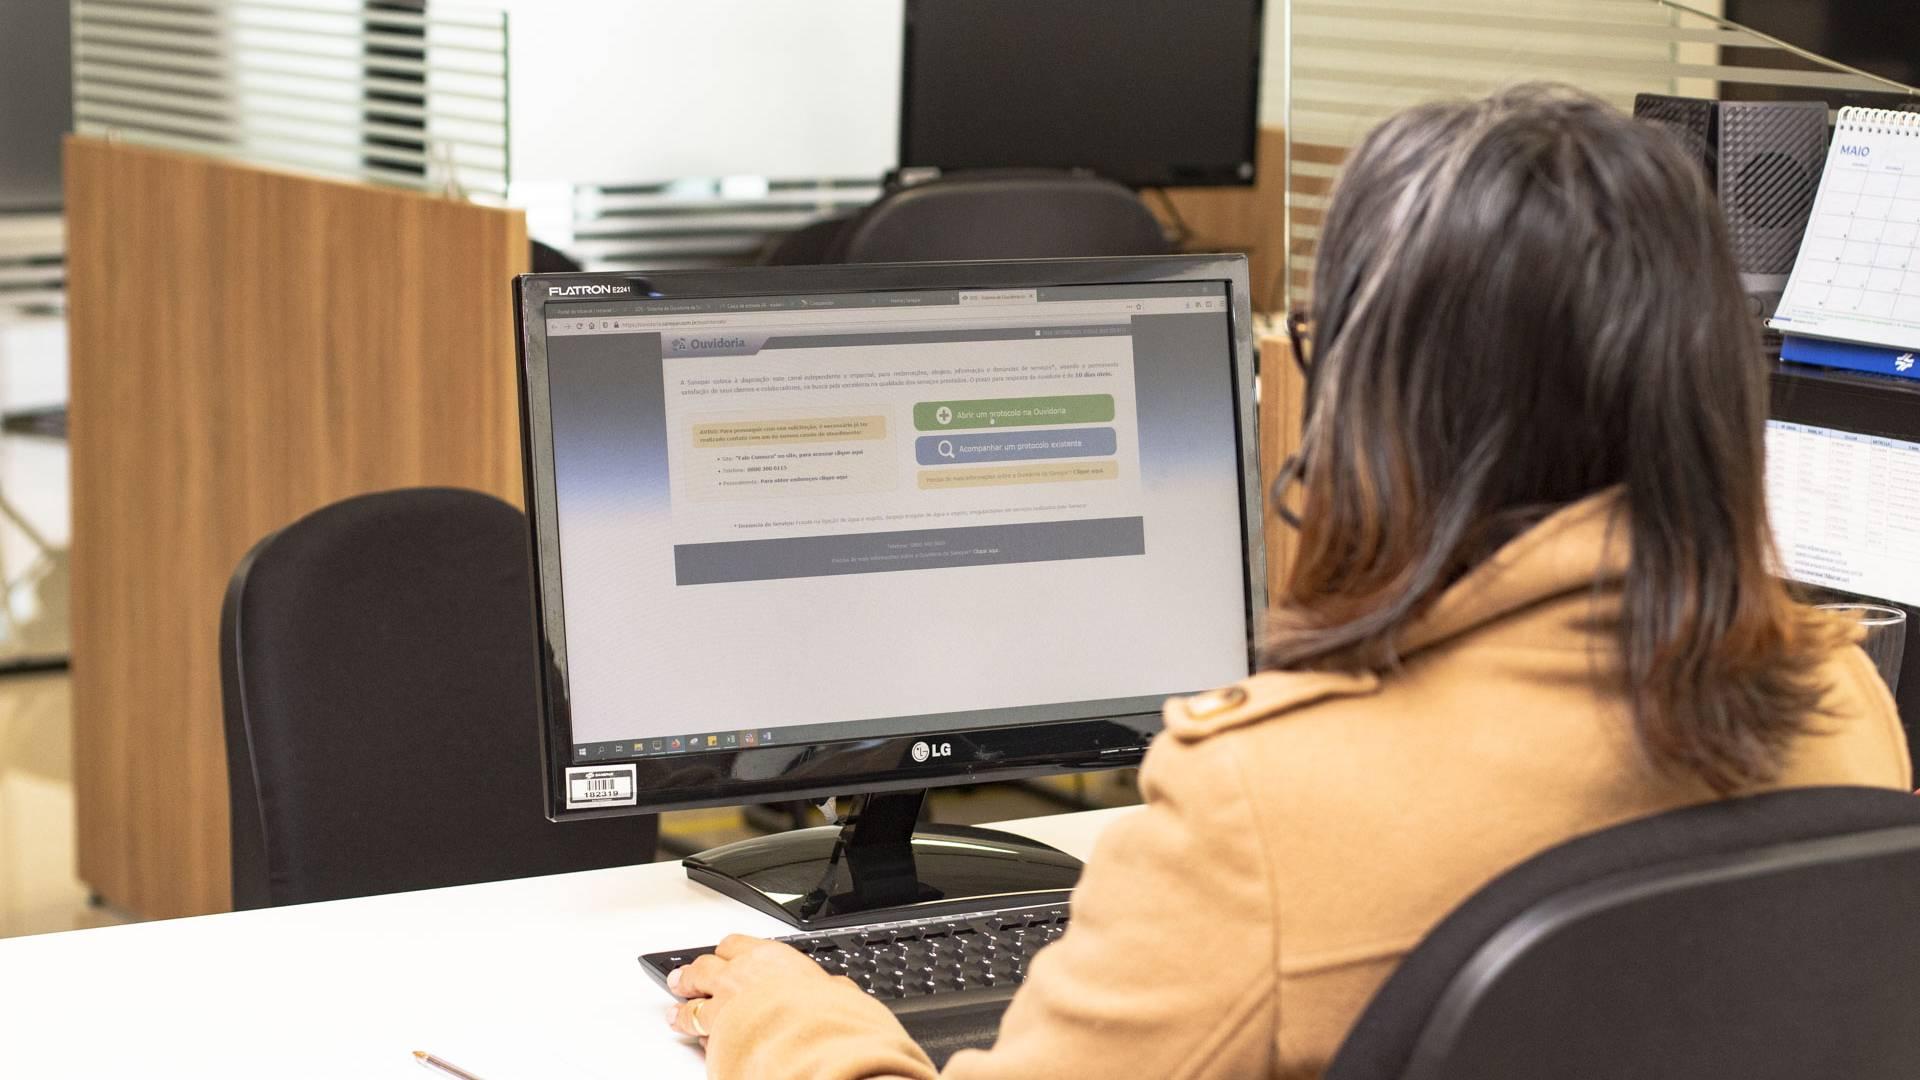 Clientes da Sanepar podem acionar Ouvidoria para reclamações, elogios e sugestões